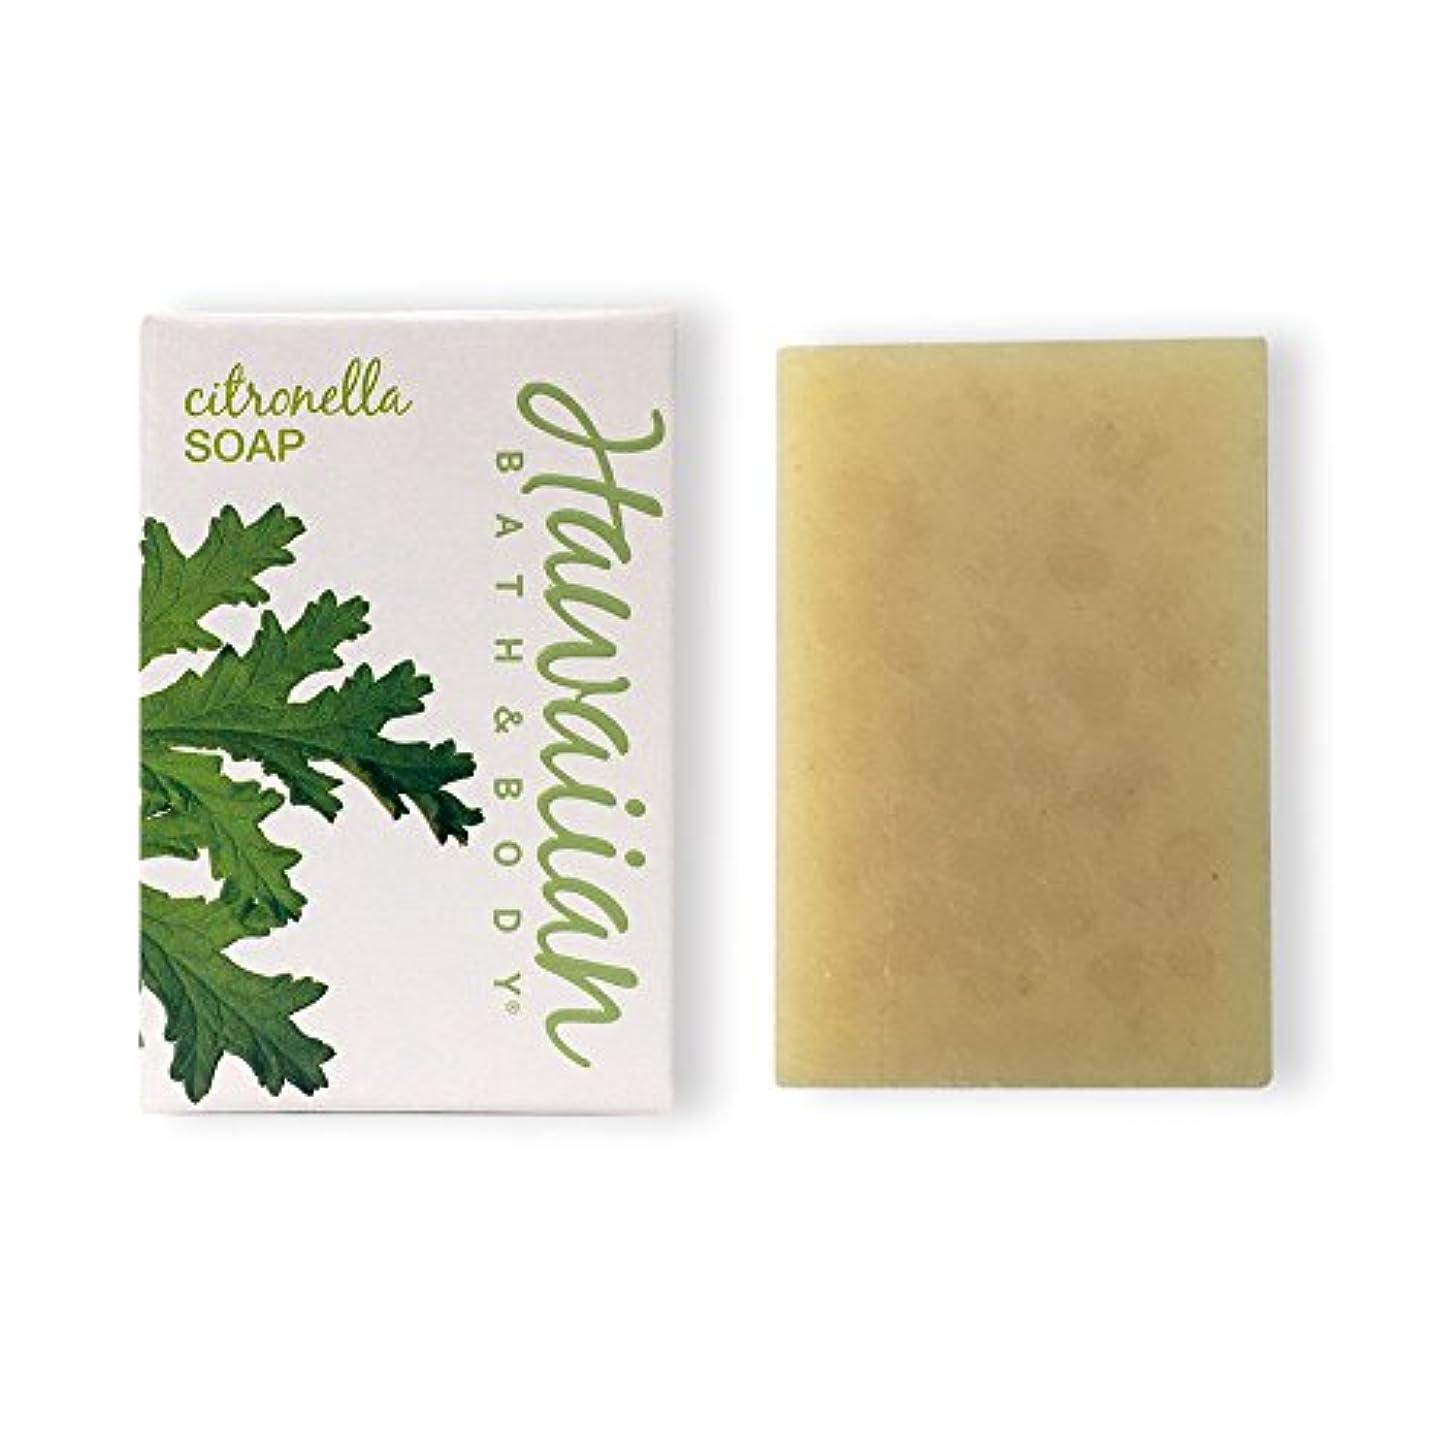 桁管理する硬いハワイアンバス&ボディ シトロネラソープ(ビーチバー)( Citronella Soap )